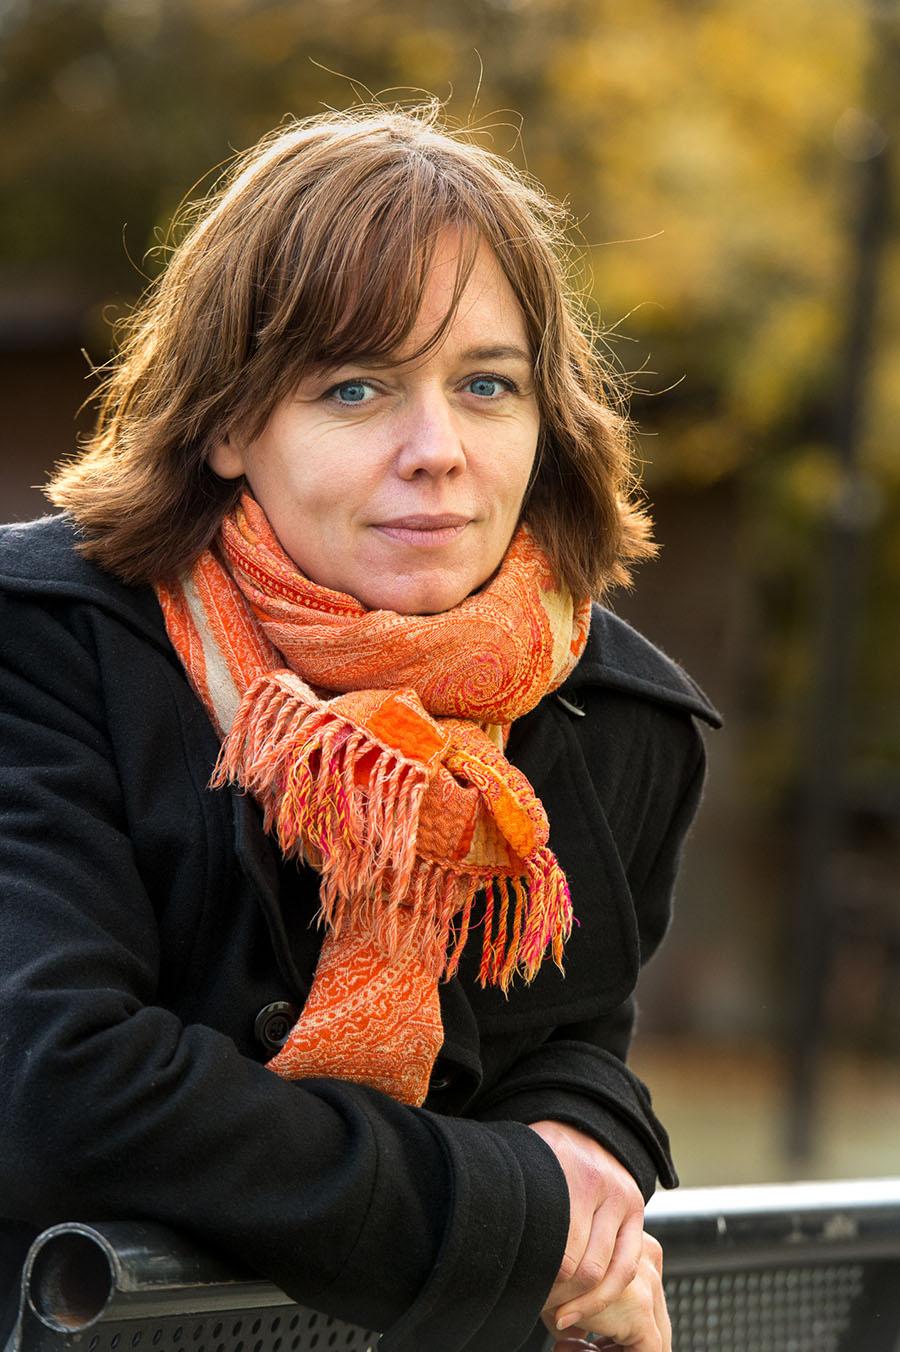 Bedrijfsfotografie zakelijk portret vrouw